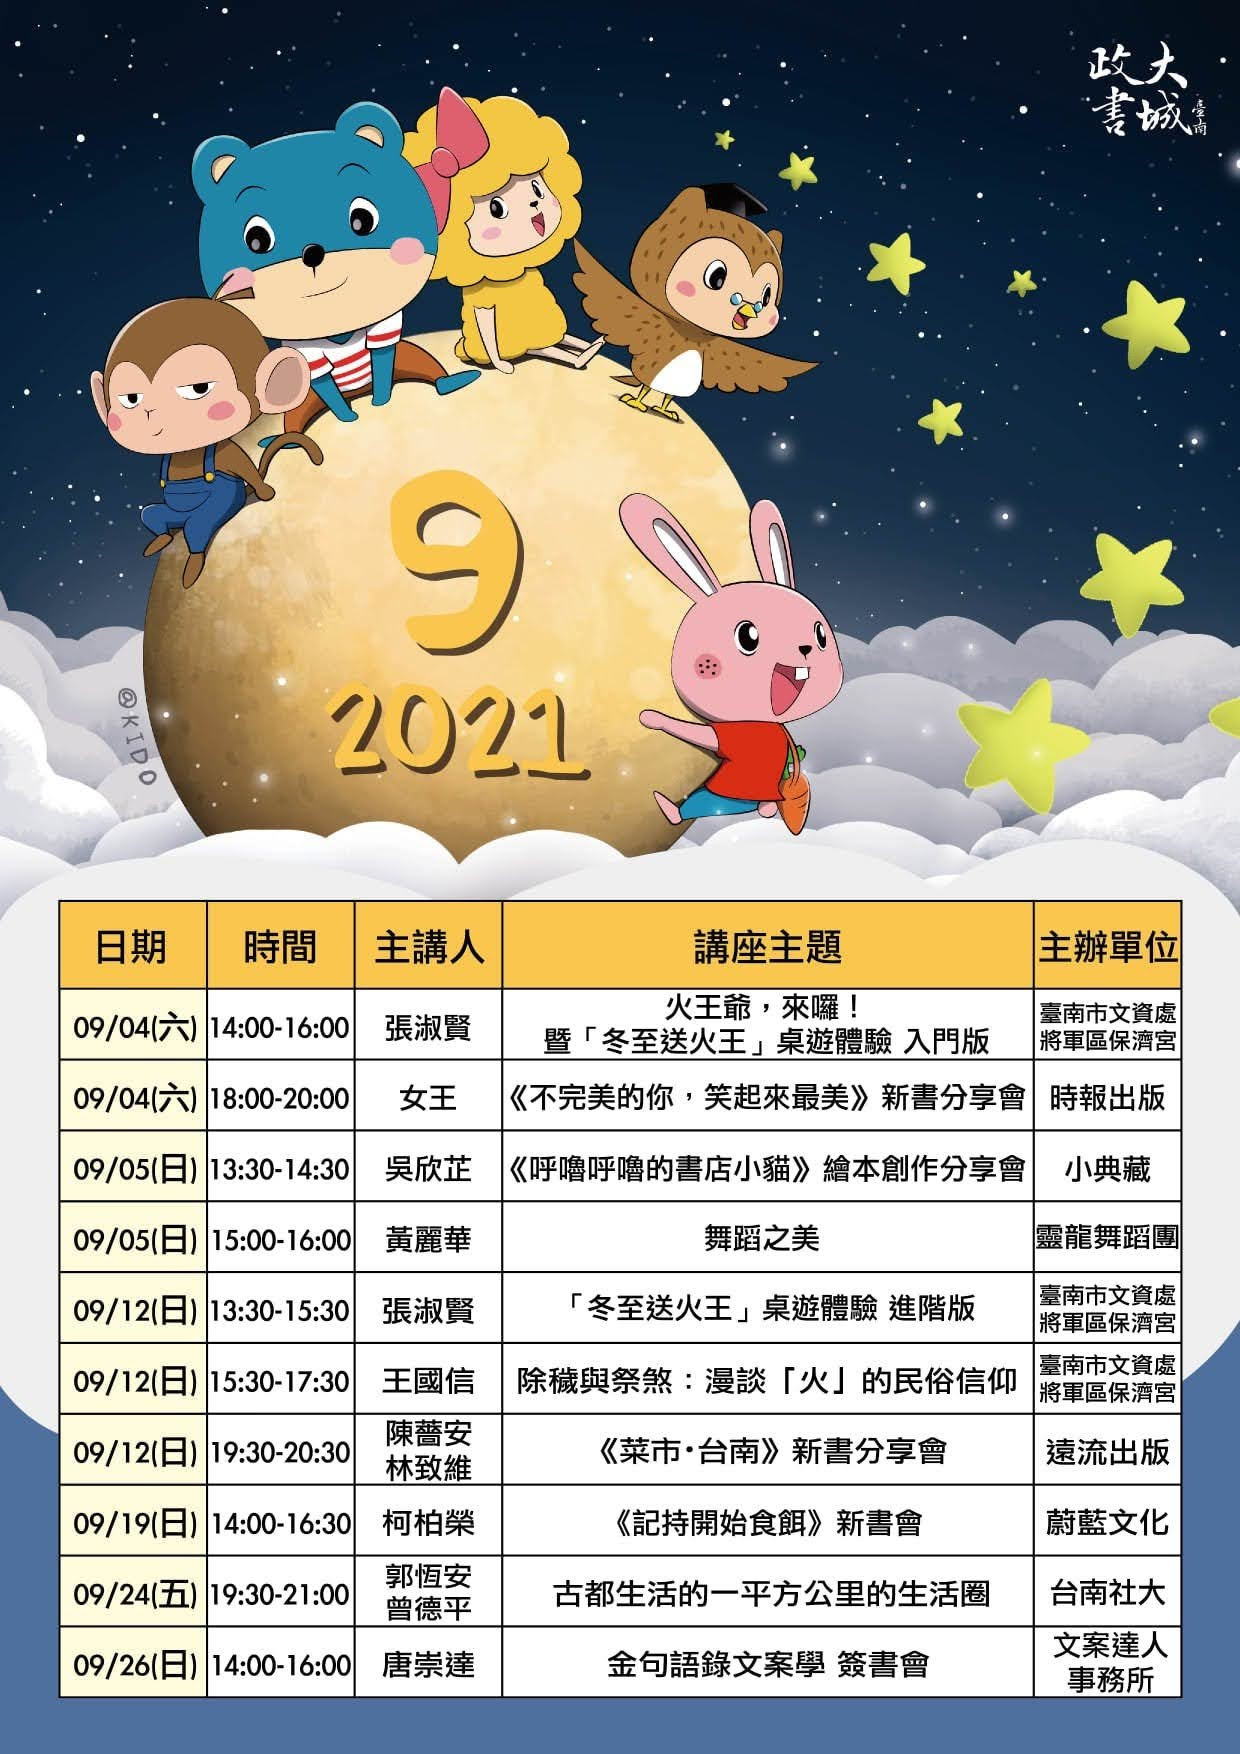 台南政大書城|2021年5月份活動訊息|活動